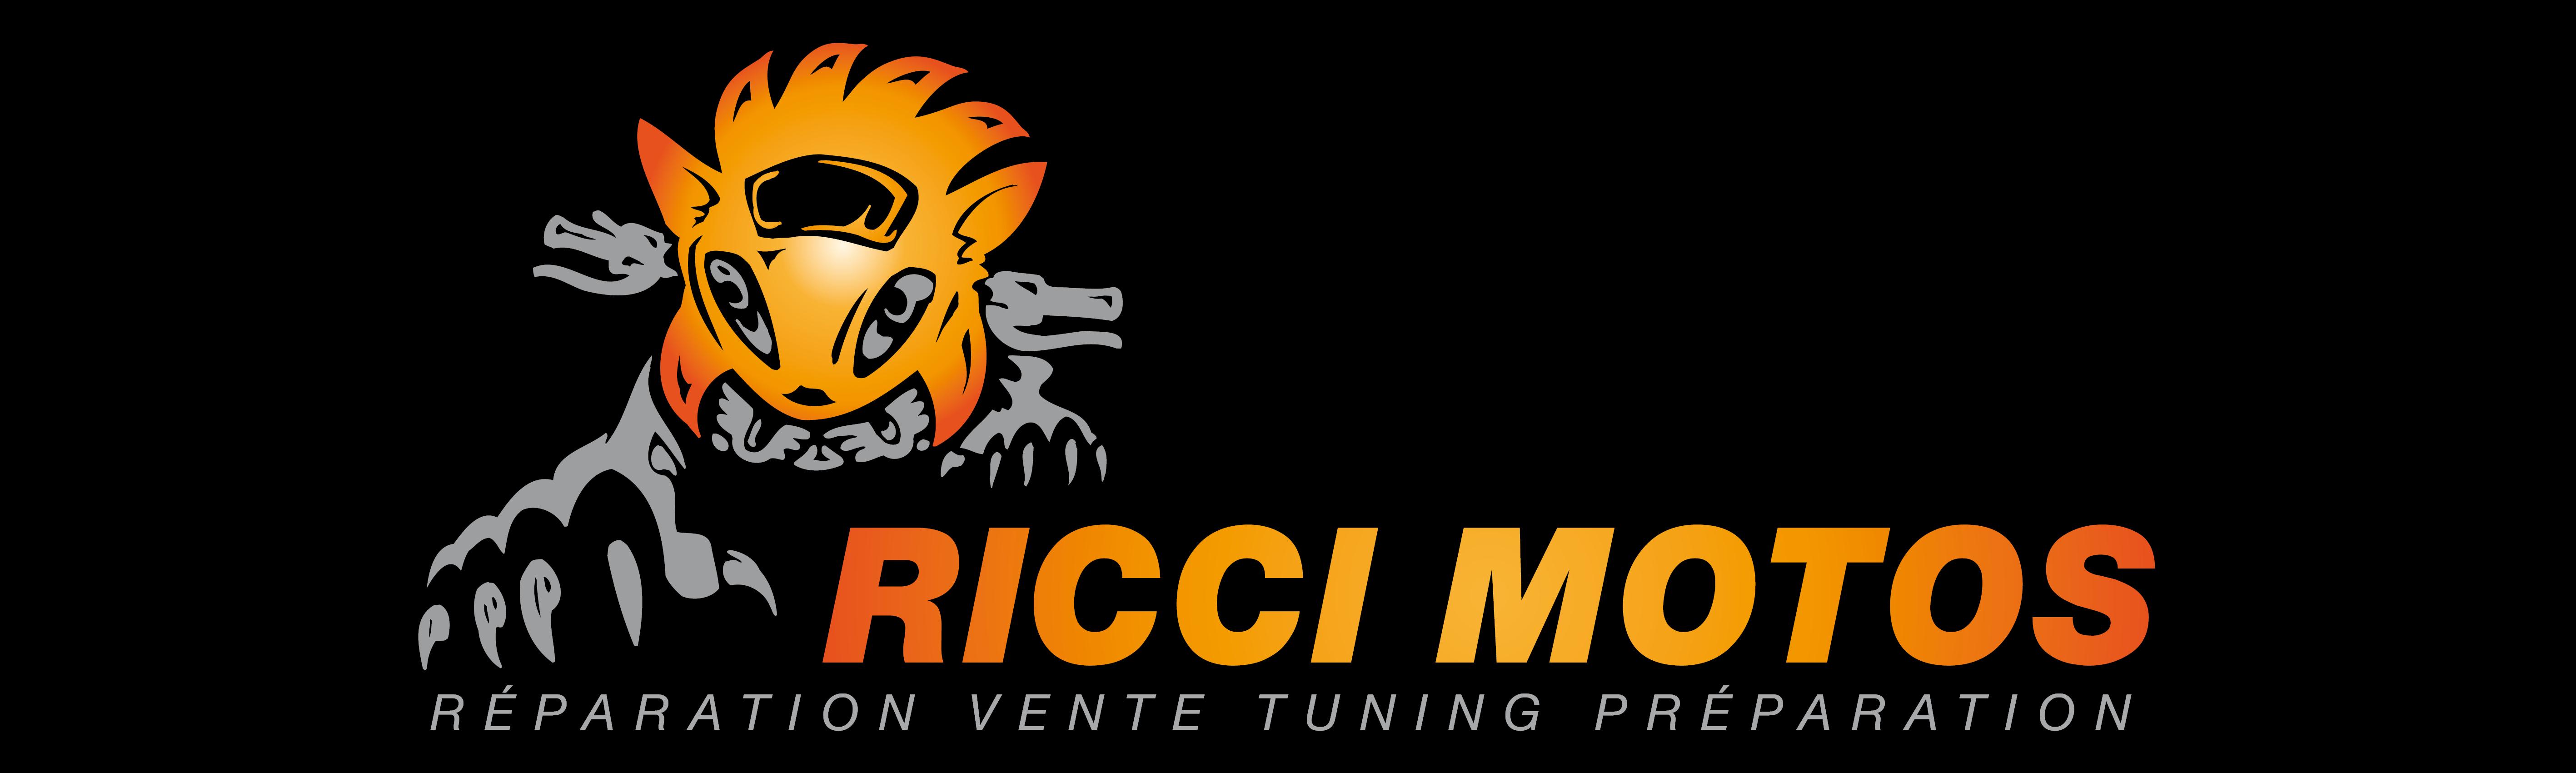 Ricci Motos